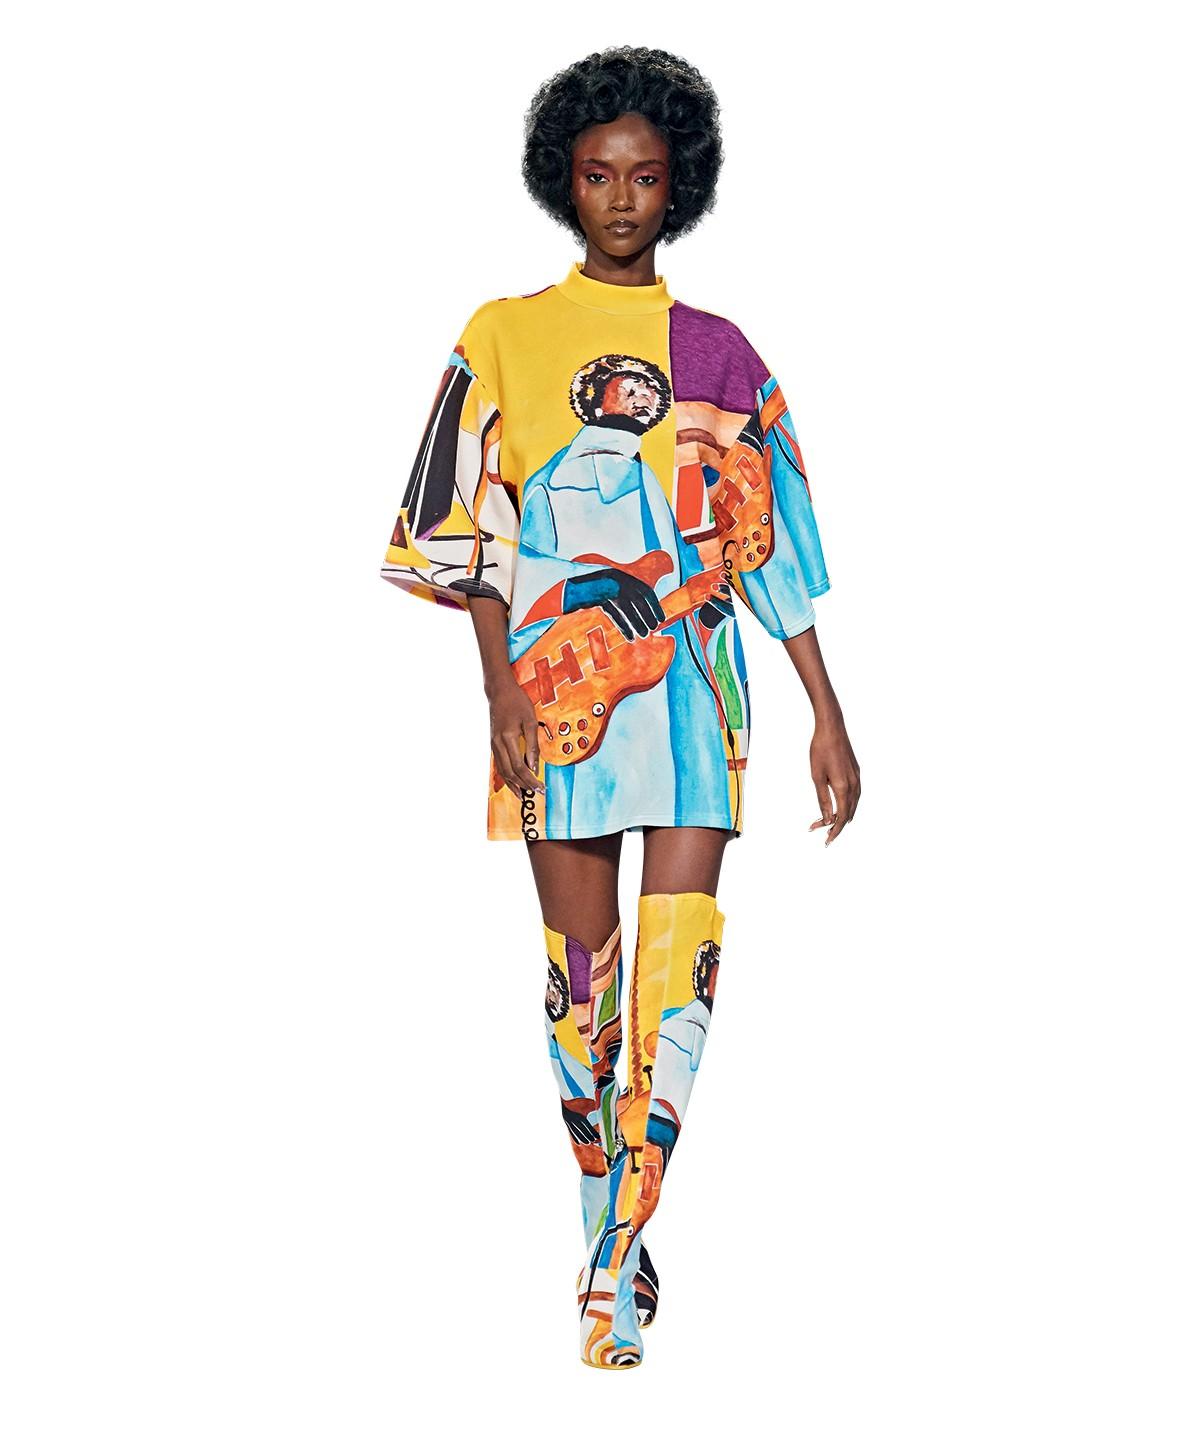 Coluna Maria Rita - desfile da pyer moss, marca norte-americana cujo pilar principal são a  representatividade e a construção de narrativas negras (Foto: Divulgação)